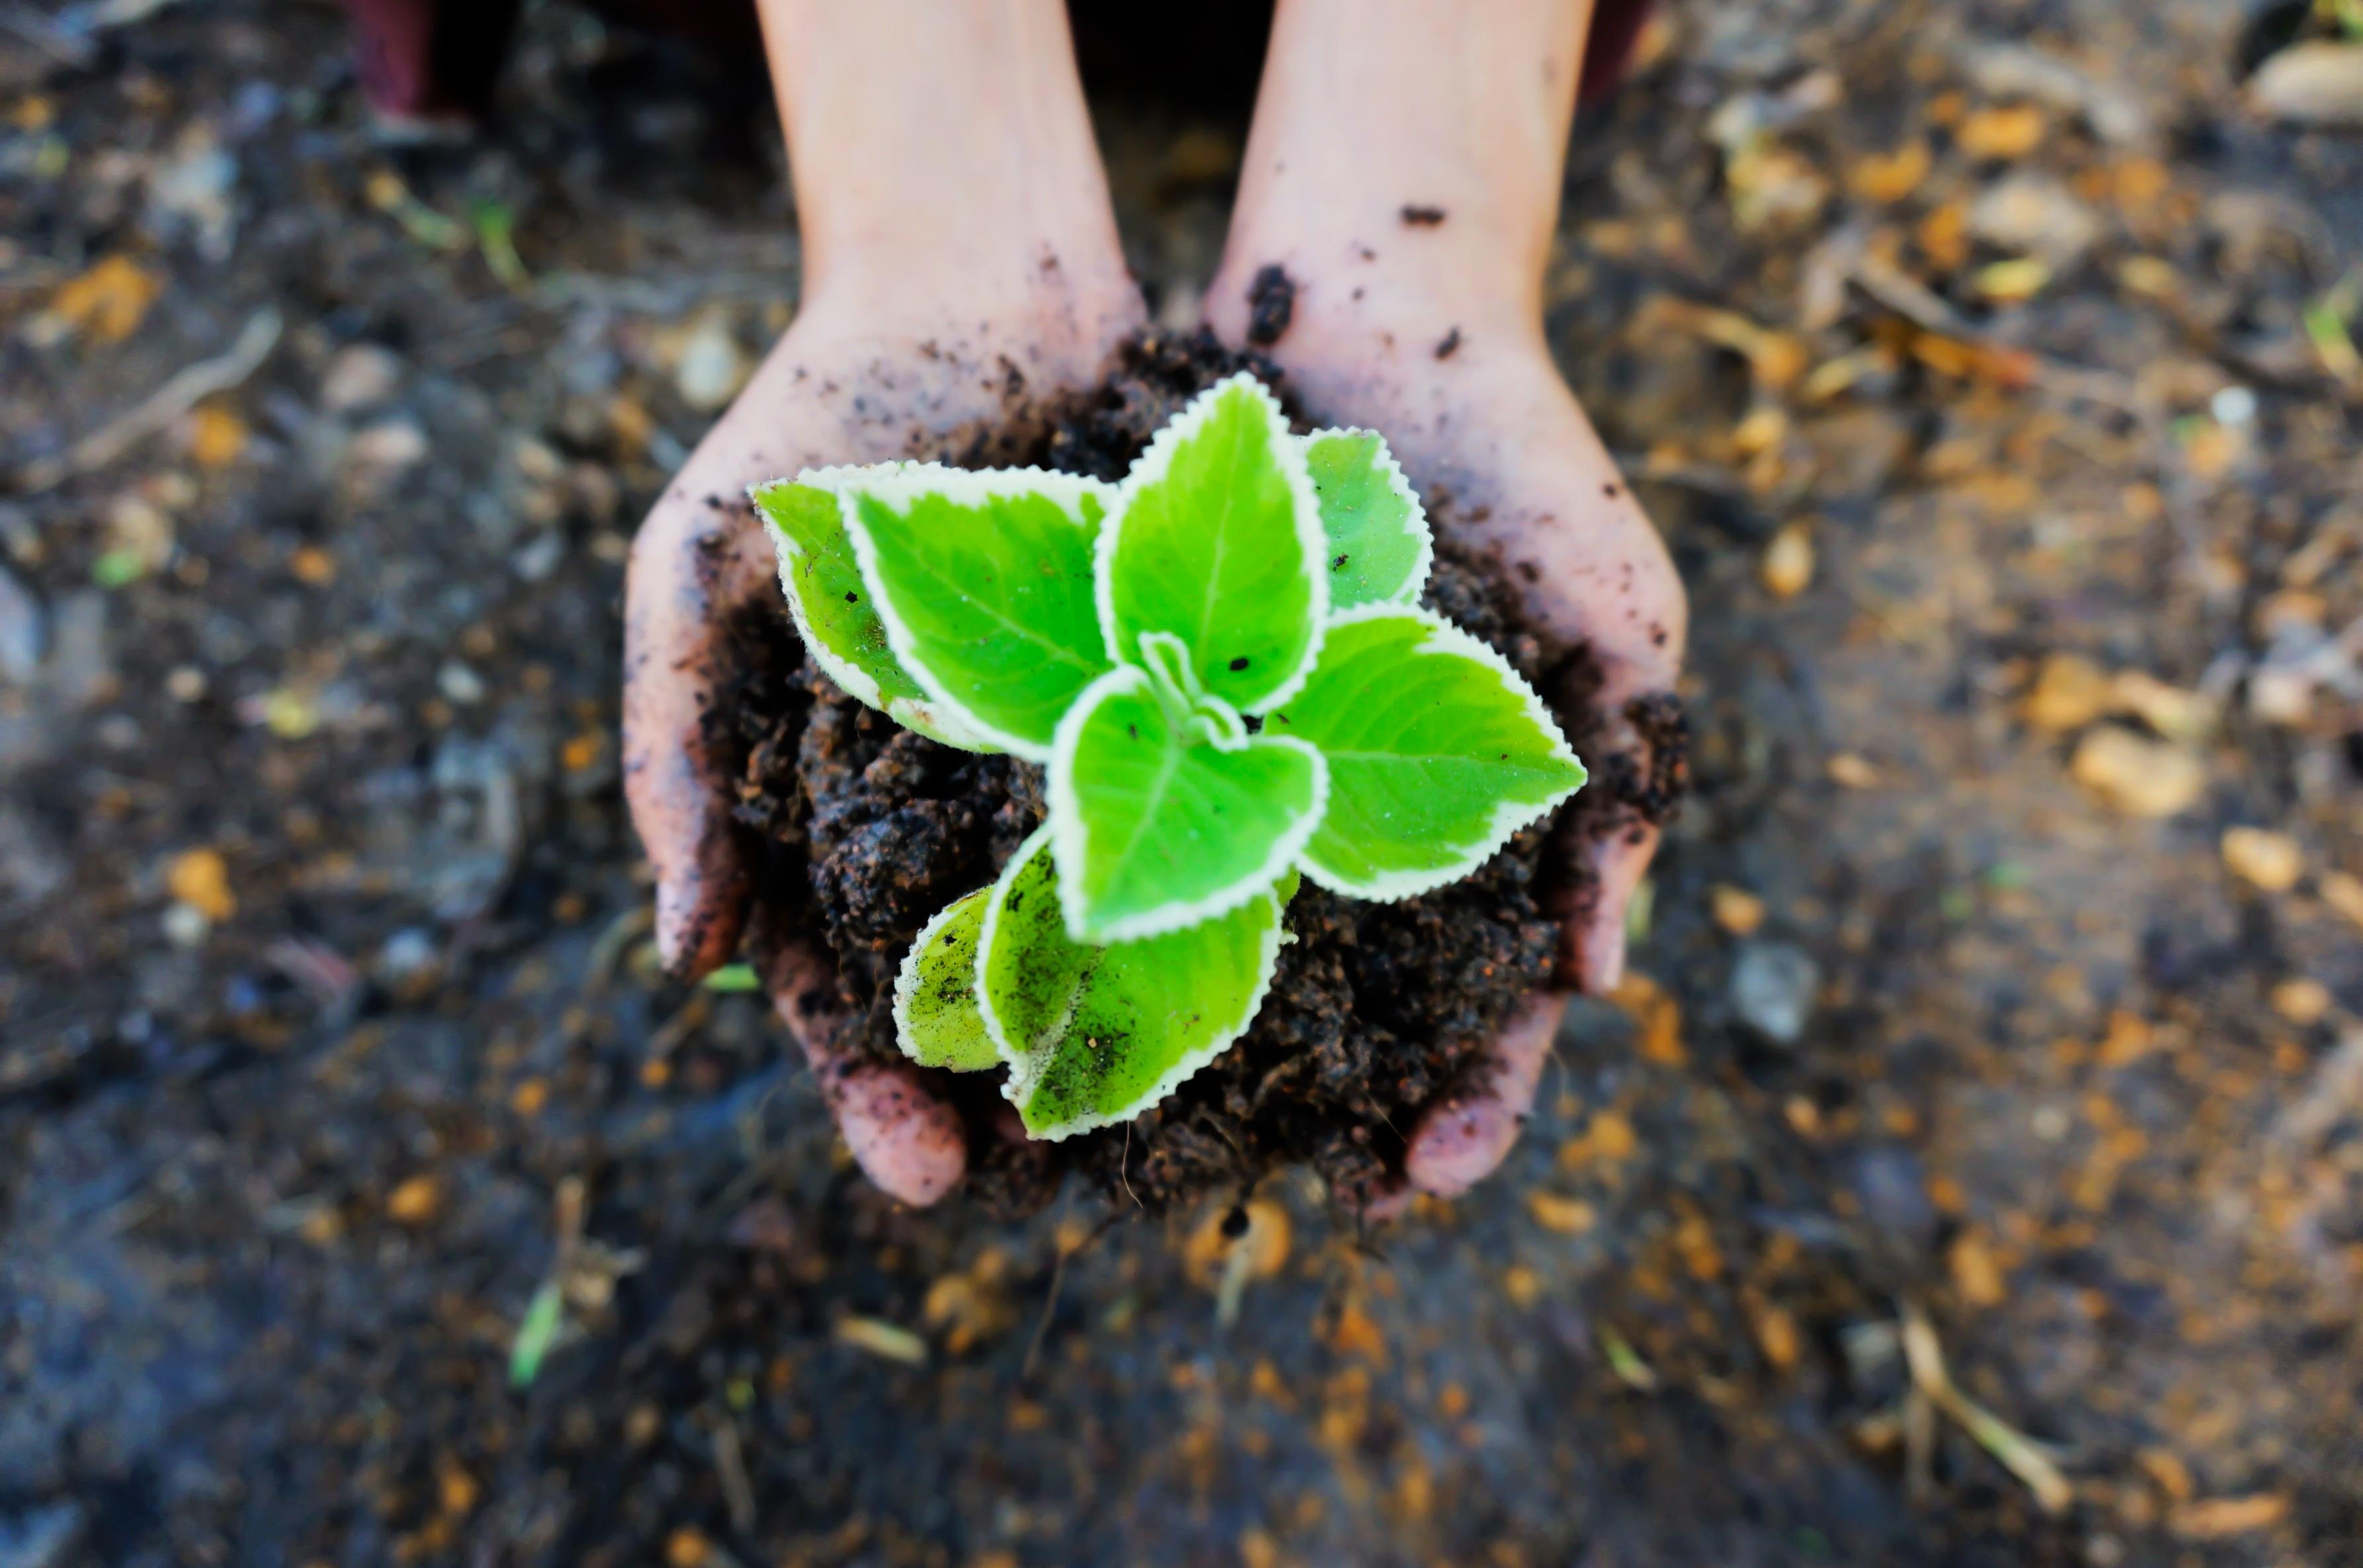 Verso una strategia europea per la protezione del suolo - cover